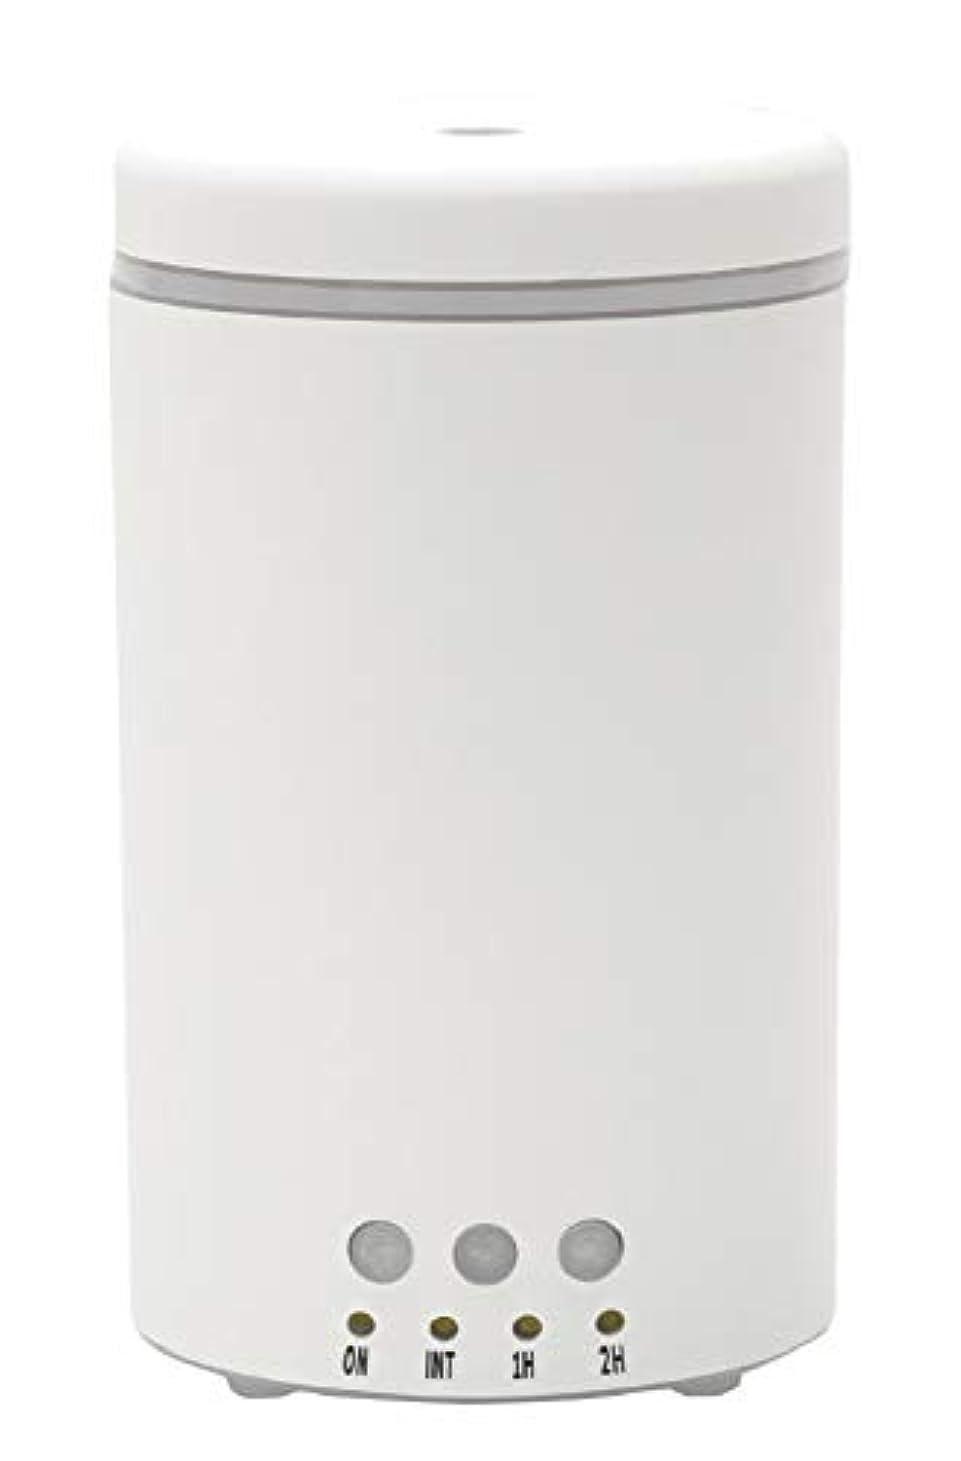 自明毛皮うんノルコーポレーション アロマディフューザー 超音波式 150ml ホワイト OP-AMD-1-3